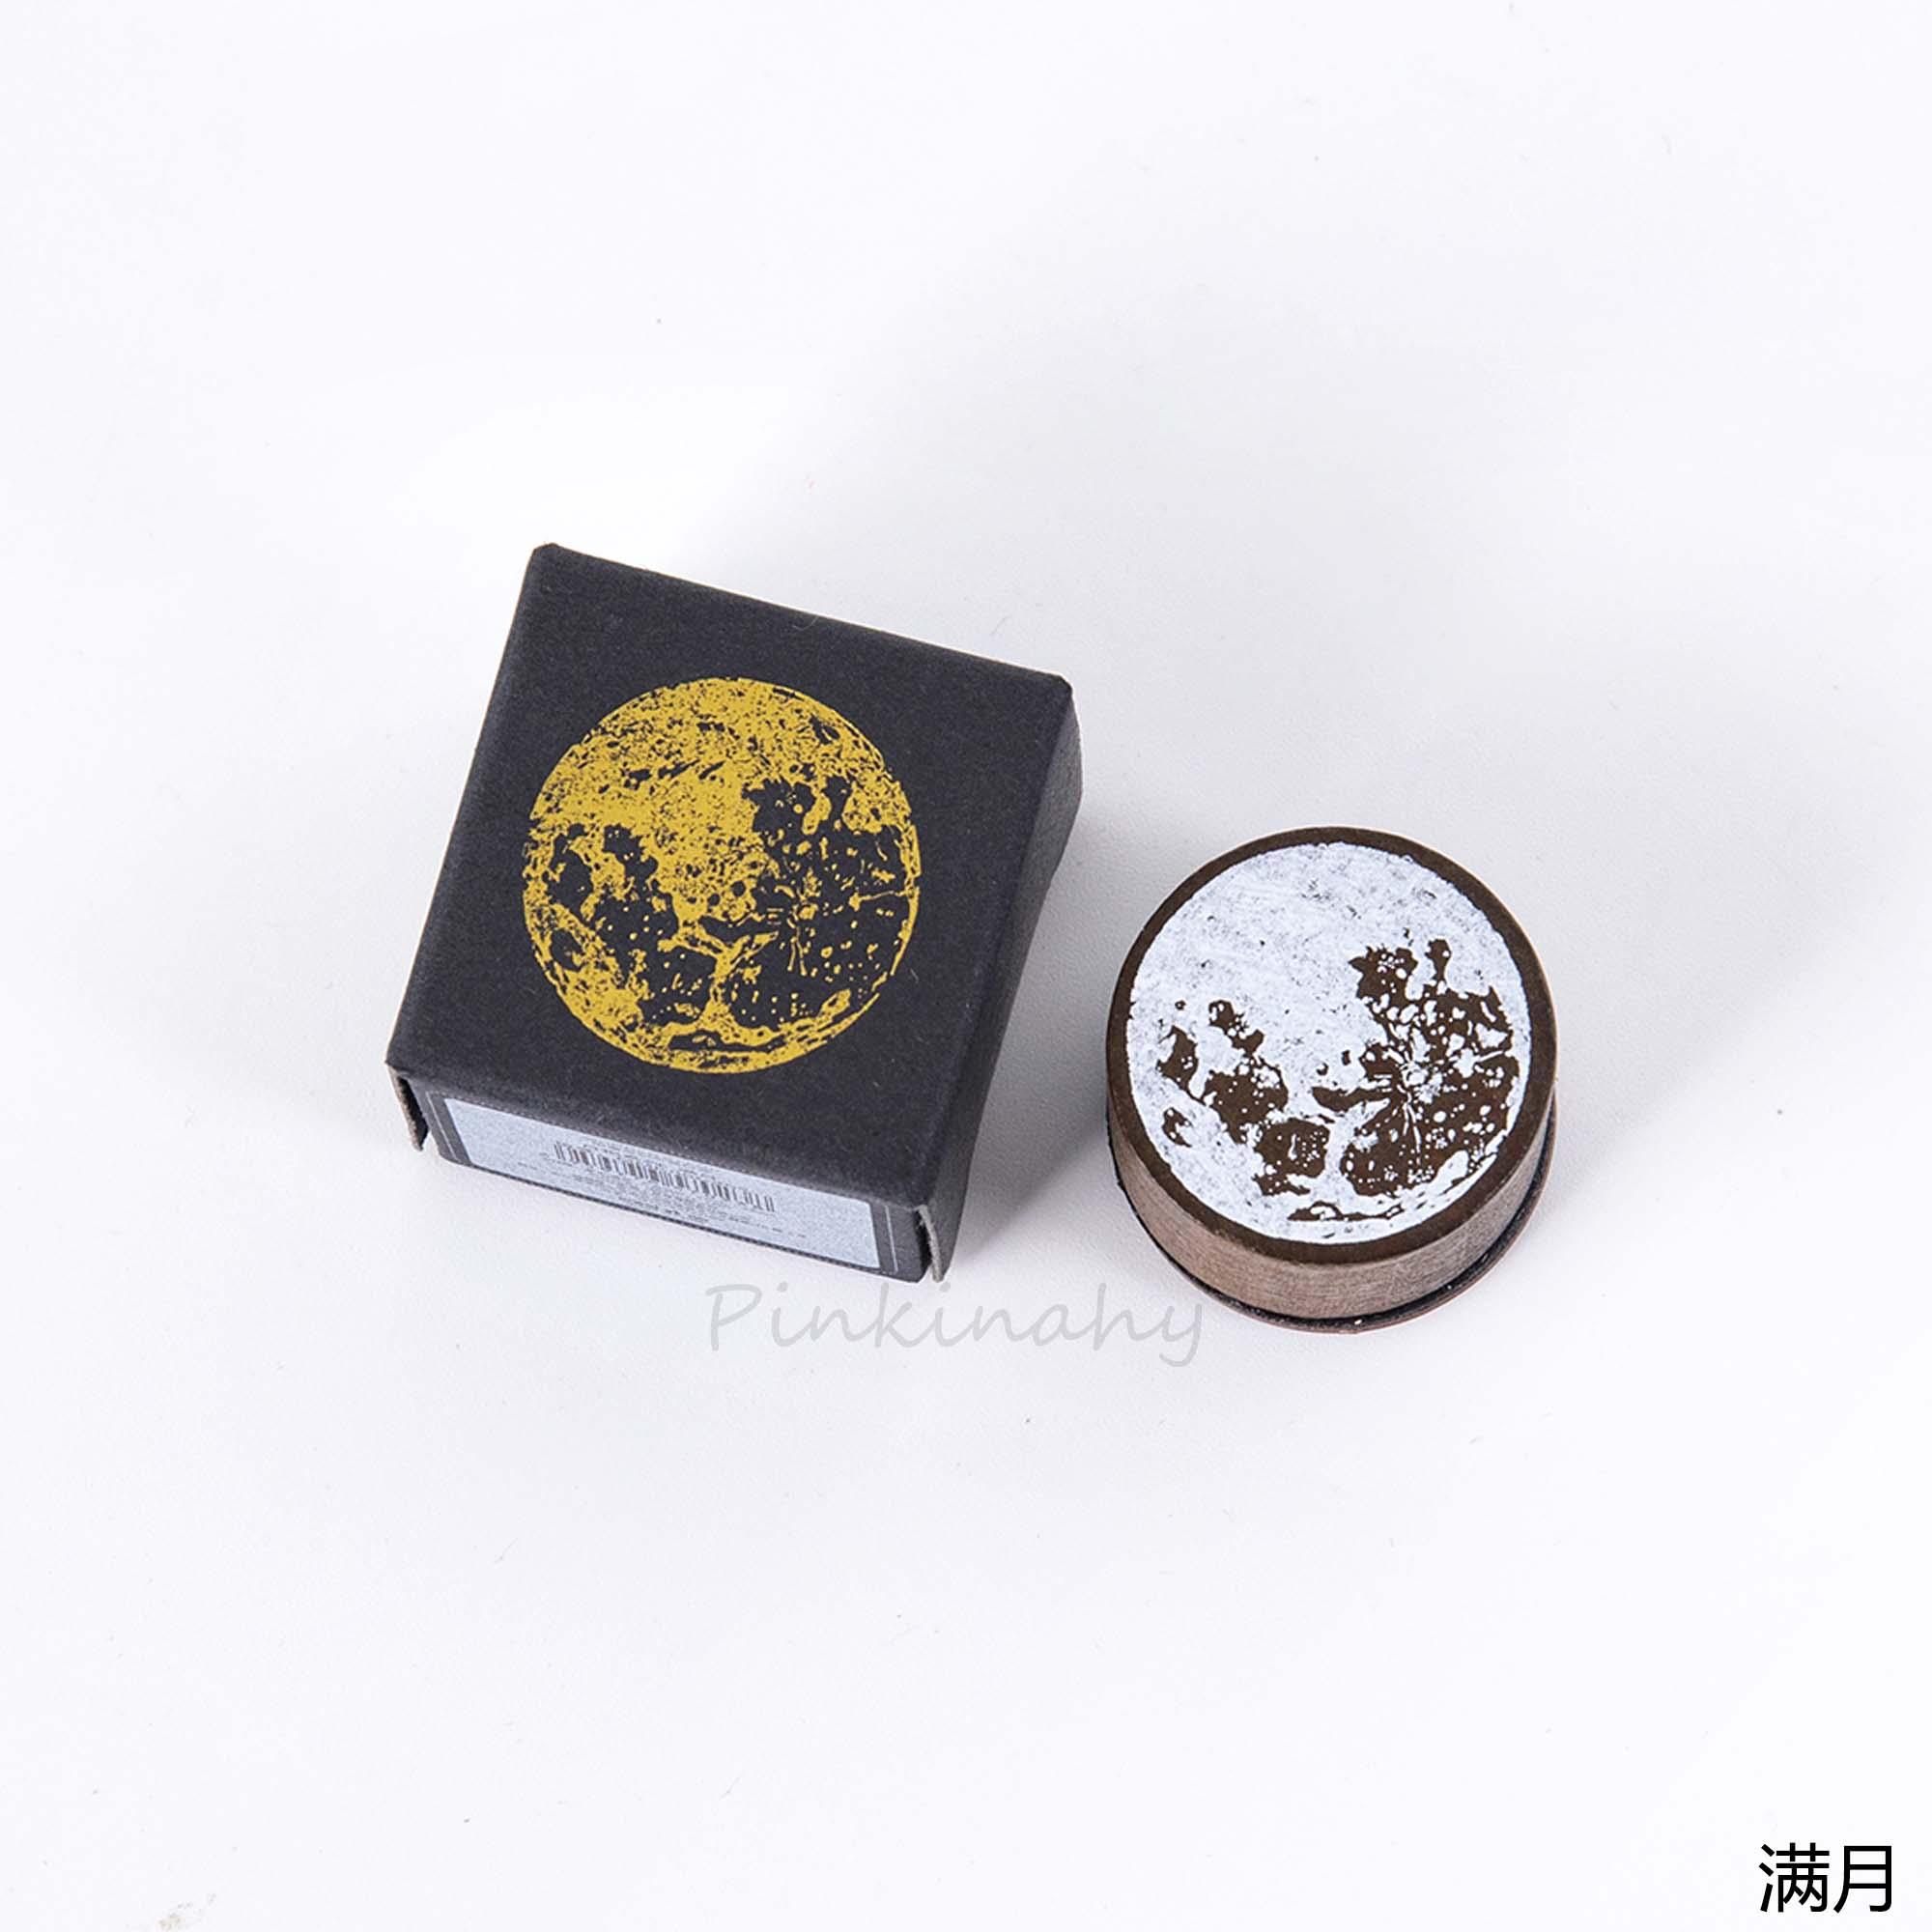 Винтажная фаза Луны деревянная печать планировщик деревянная резиновая печать набор для DIY Скрапбукинг Украшение для открыток тиснение ремесло - Цвет: 4